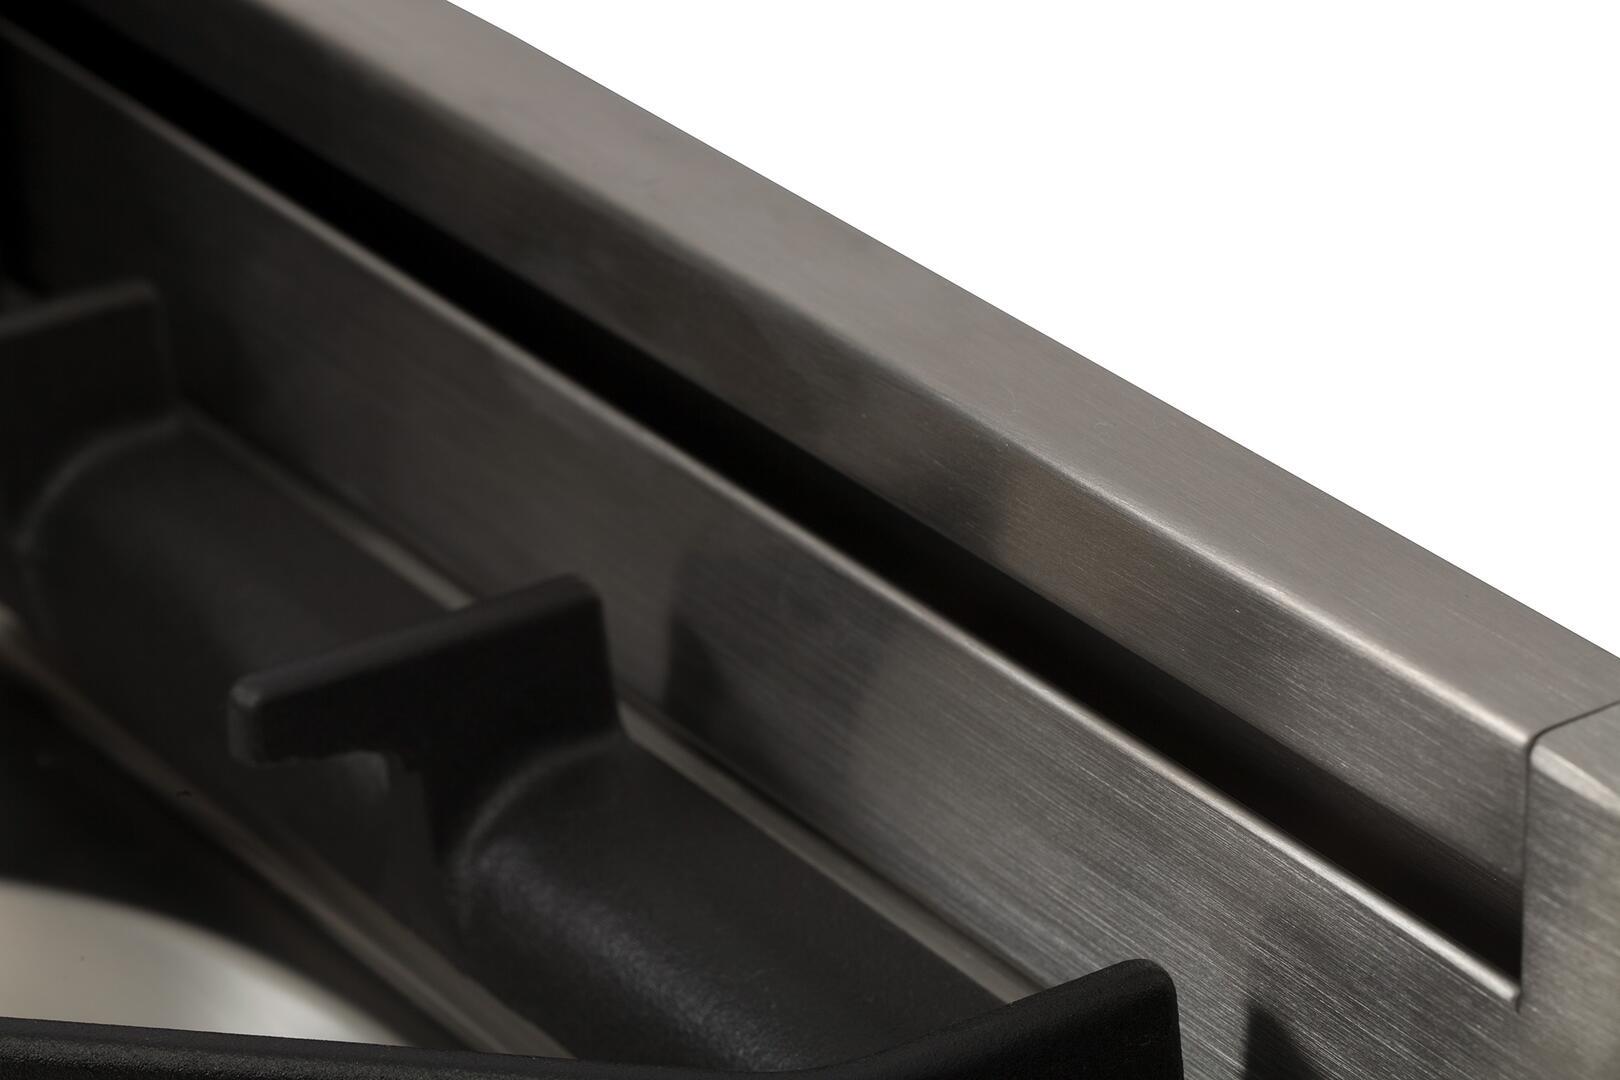 Ilve Professional Plus UPDW1006DMPN Freestanding Dual Fuel Range Black, 11